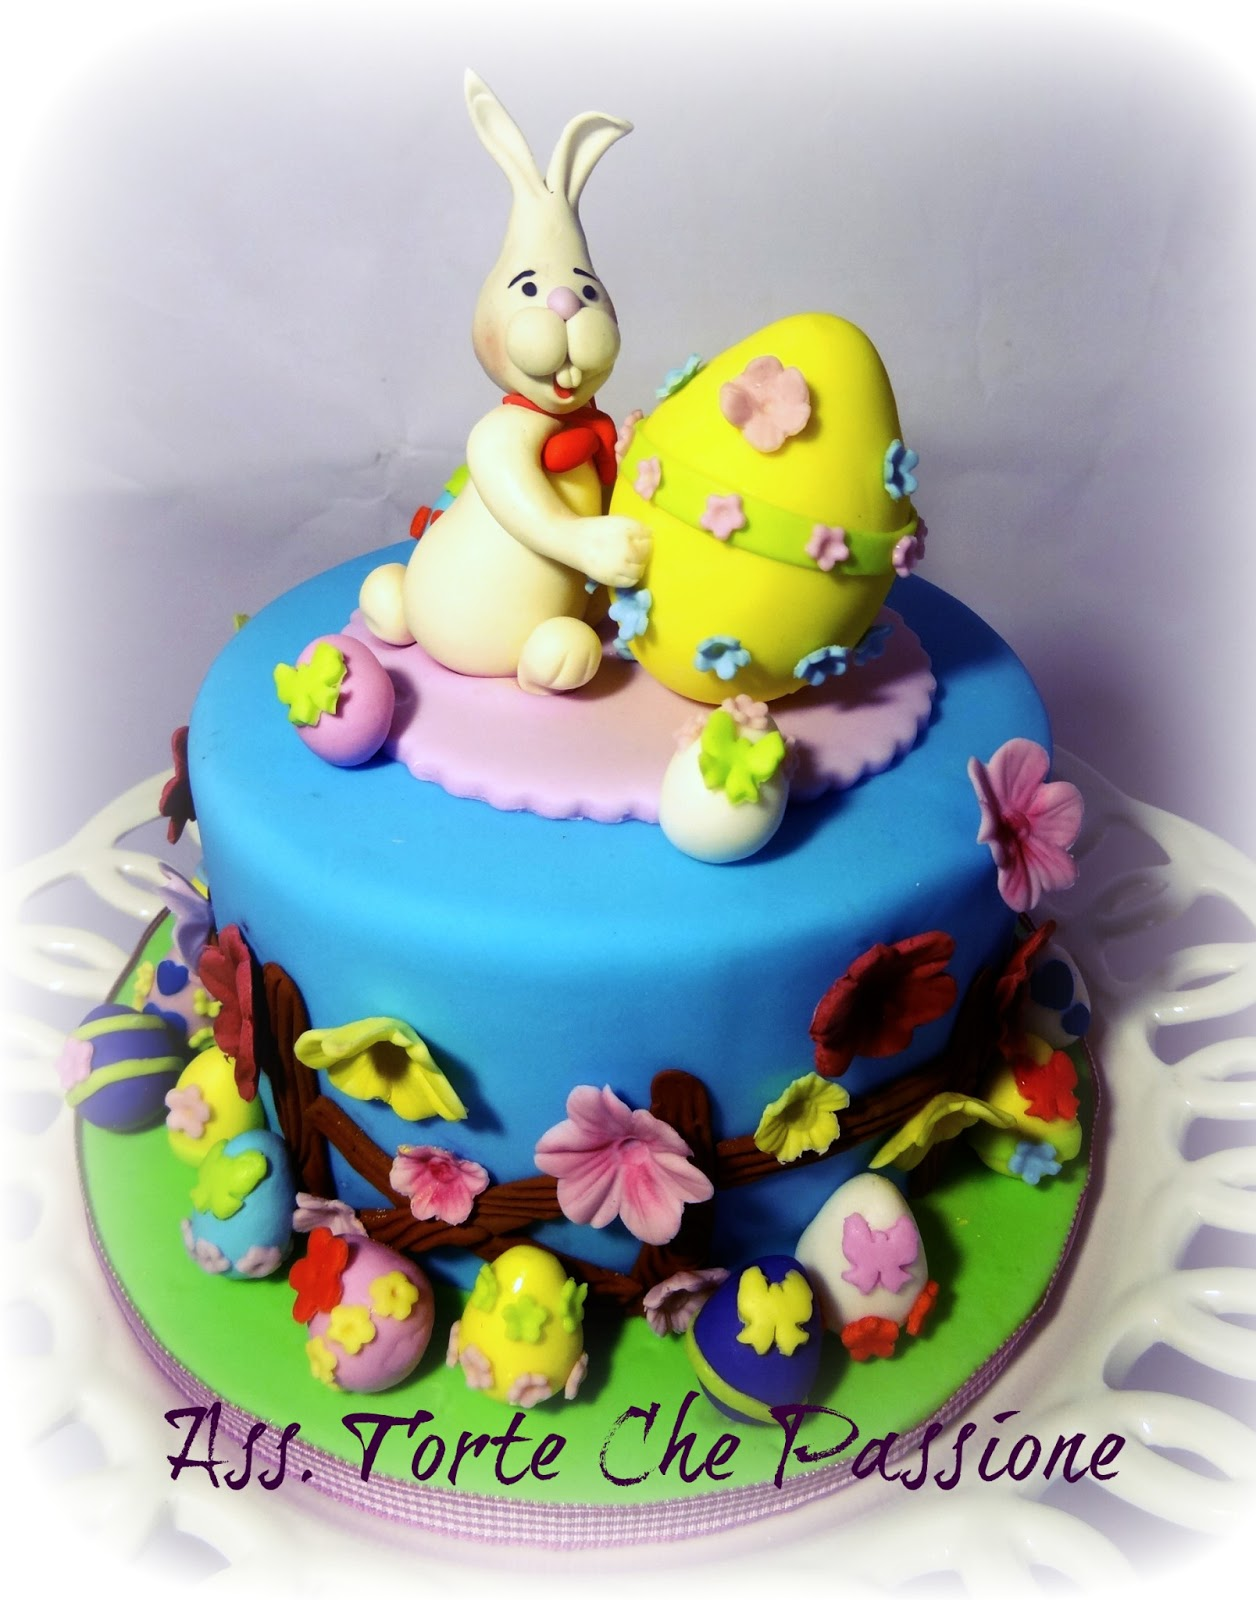 Cake Design Treviso : CUCINA ALLA MODA: CAKE DESIGN E DECORAZIONI PASQUALI